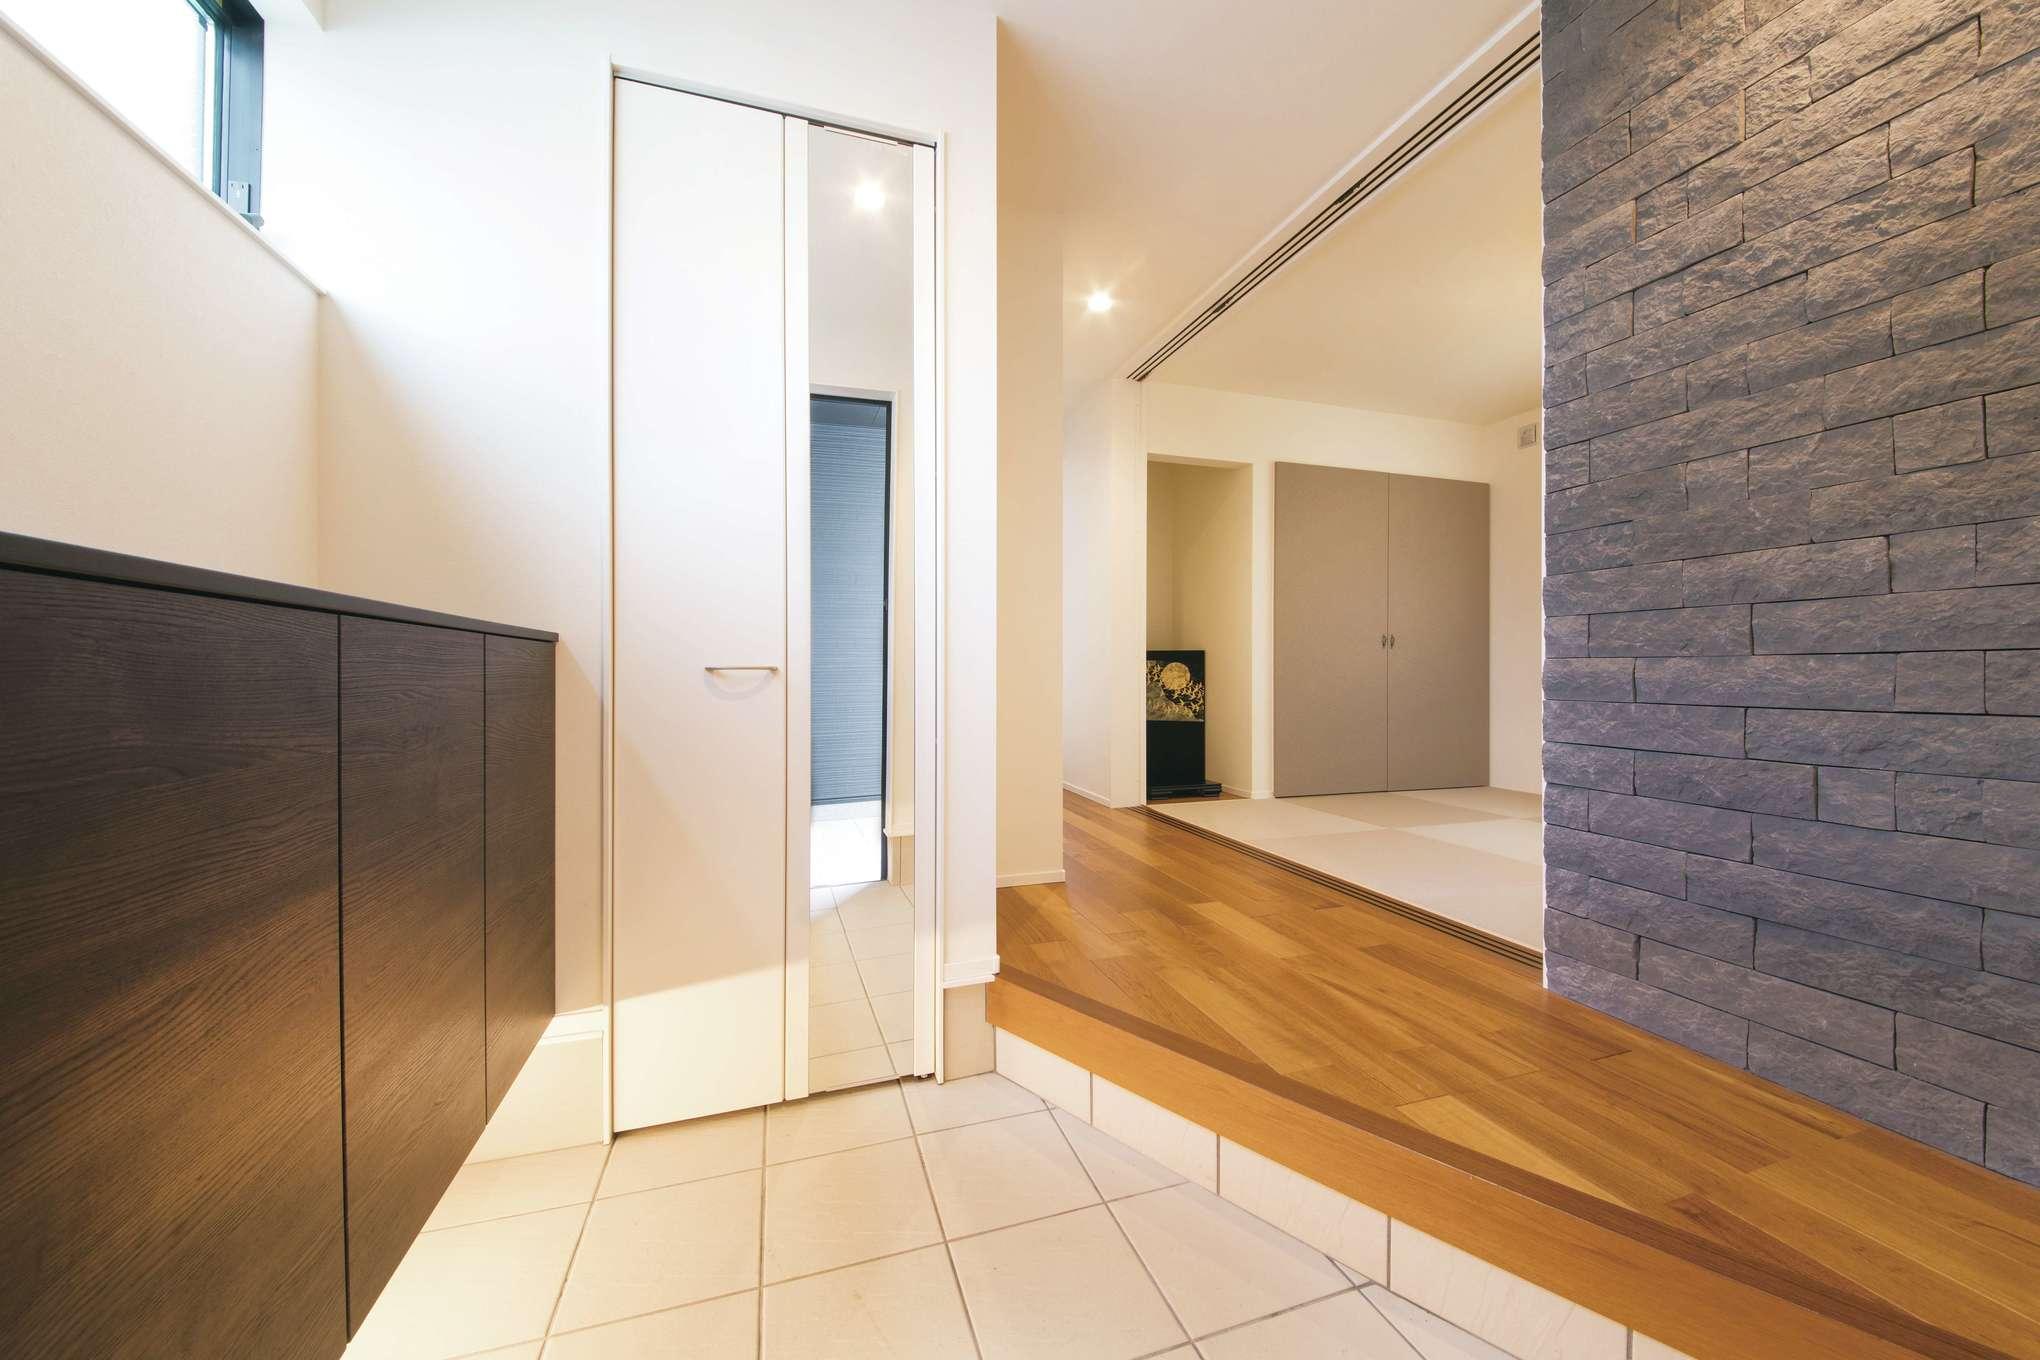 幸和ハウジング【デザイン住宅、屋上バルコニー、インテリア】間接照明と石張りで高級感アップ。和室をホールに取り込み広さを演出